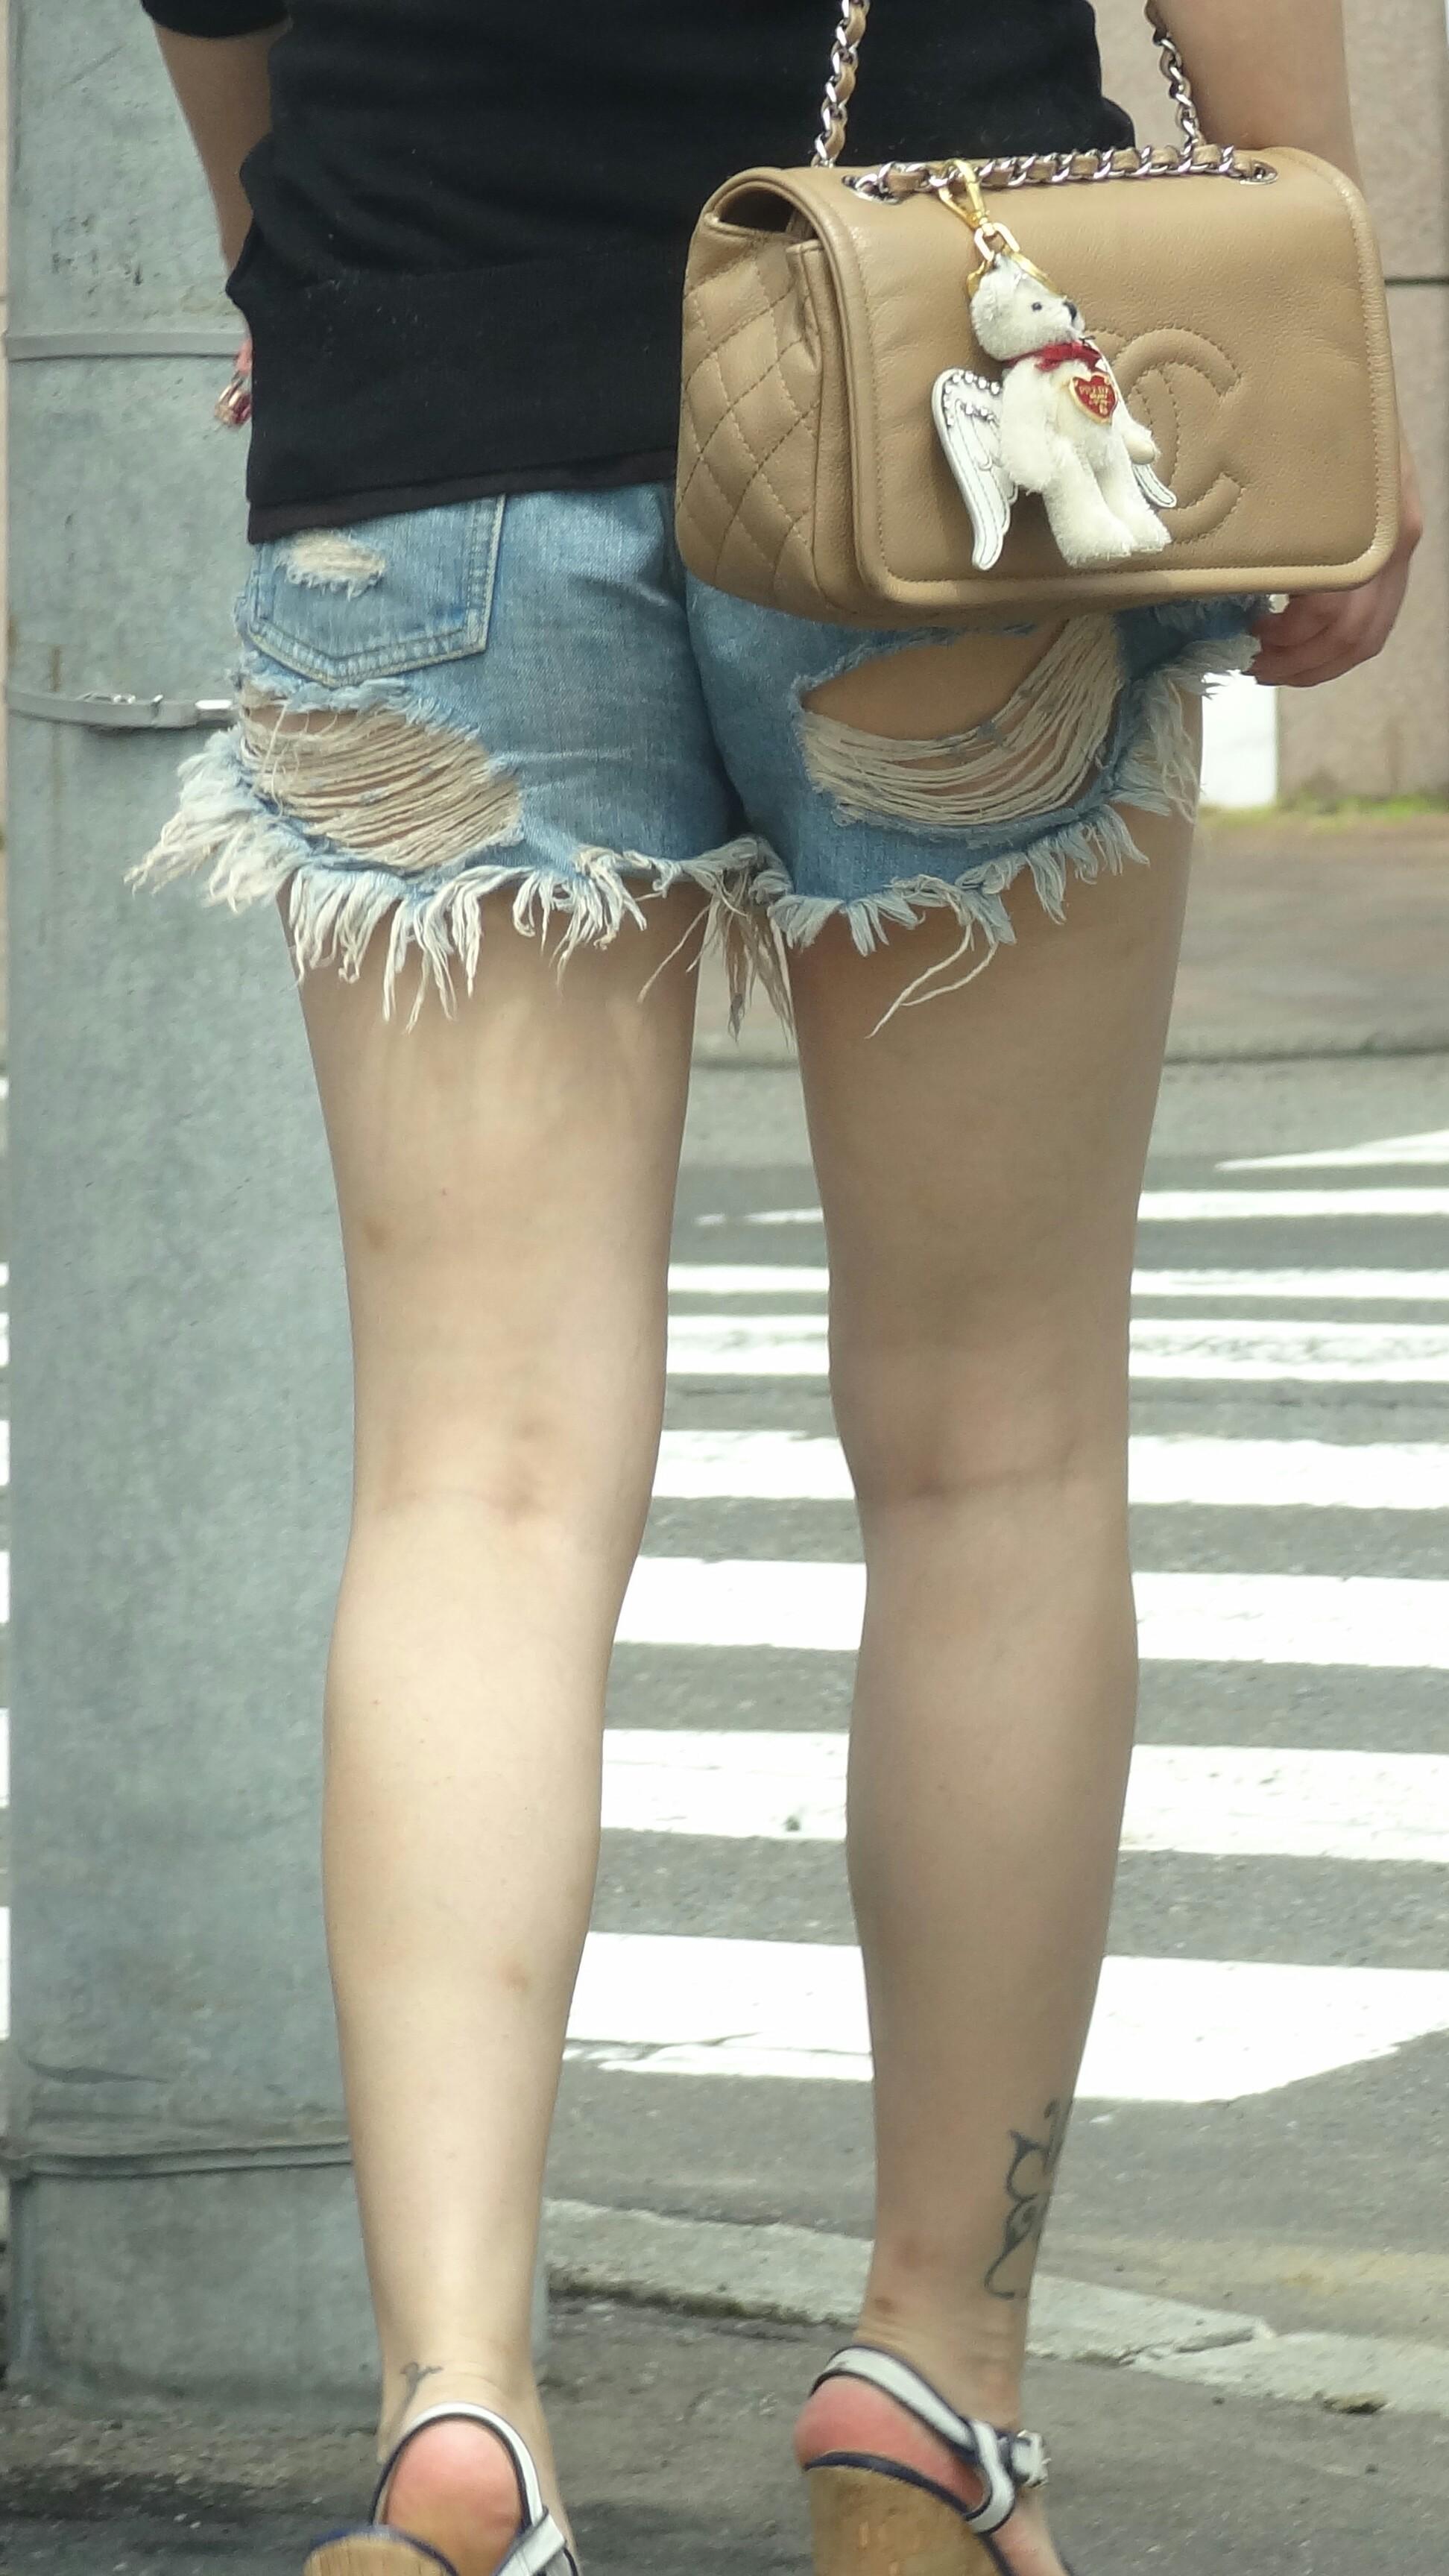 【ダメージジーンズエ□画像】ファンションですから!って言われても…パンツまで見えてるダメージジーンズが草不可避www